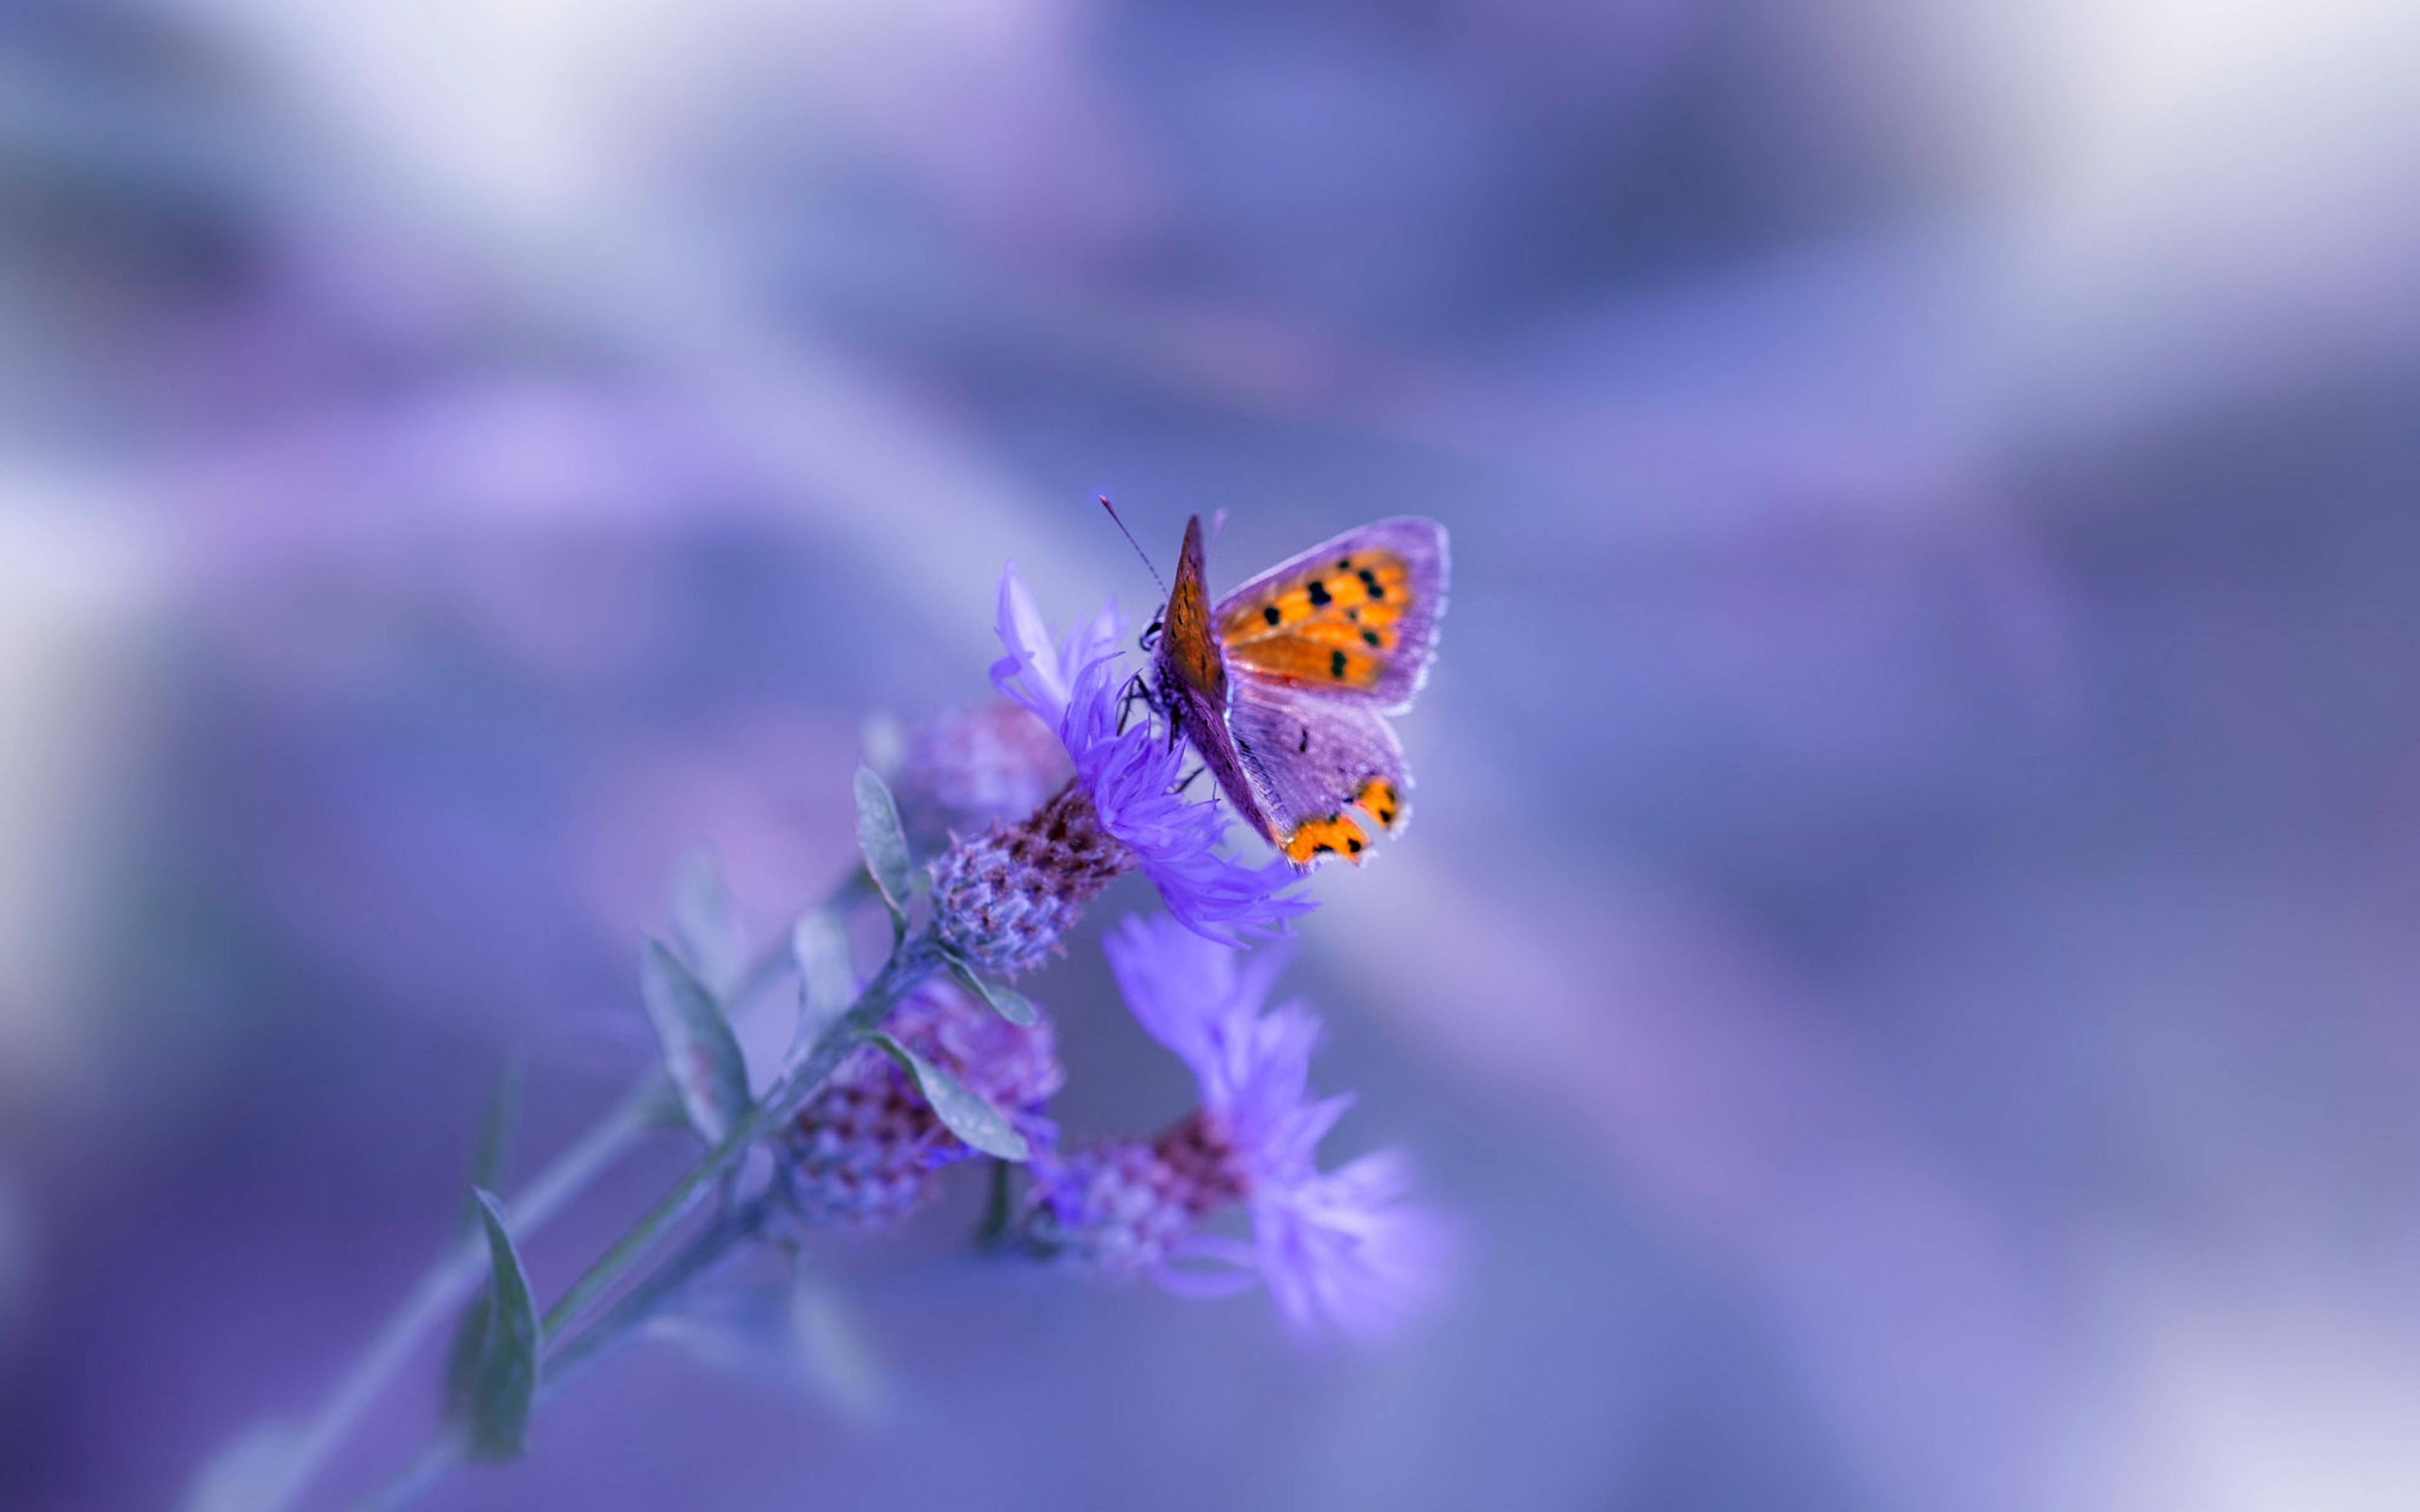 butterfly-purple-flower-iw.jpg